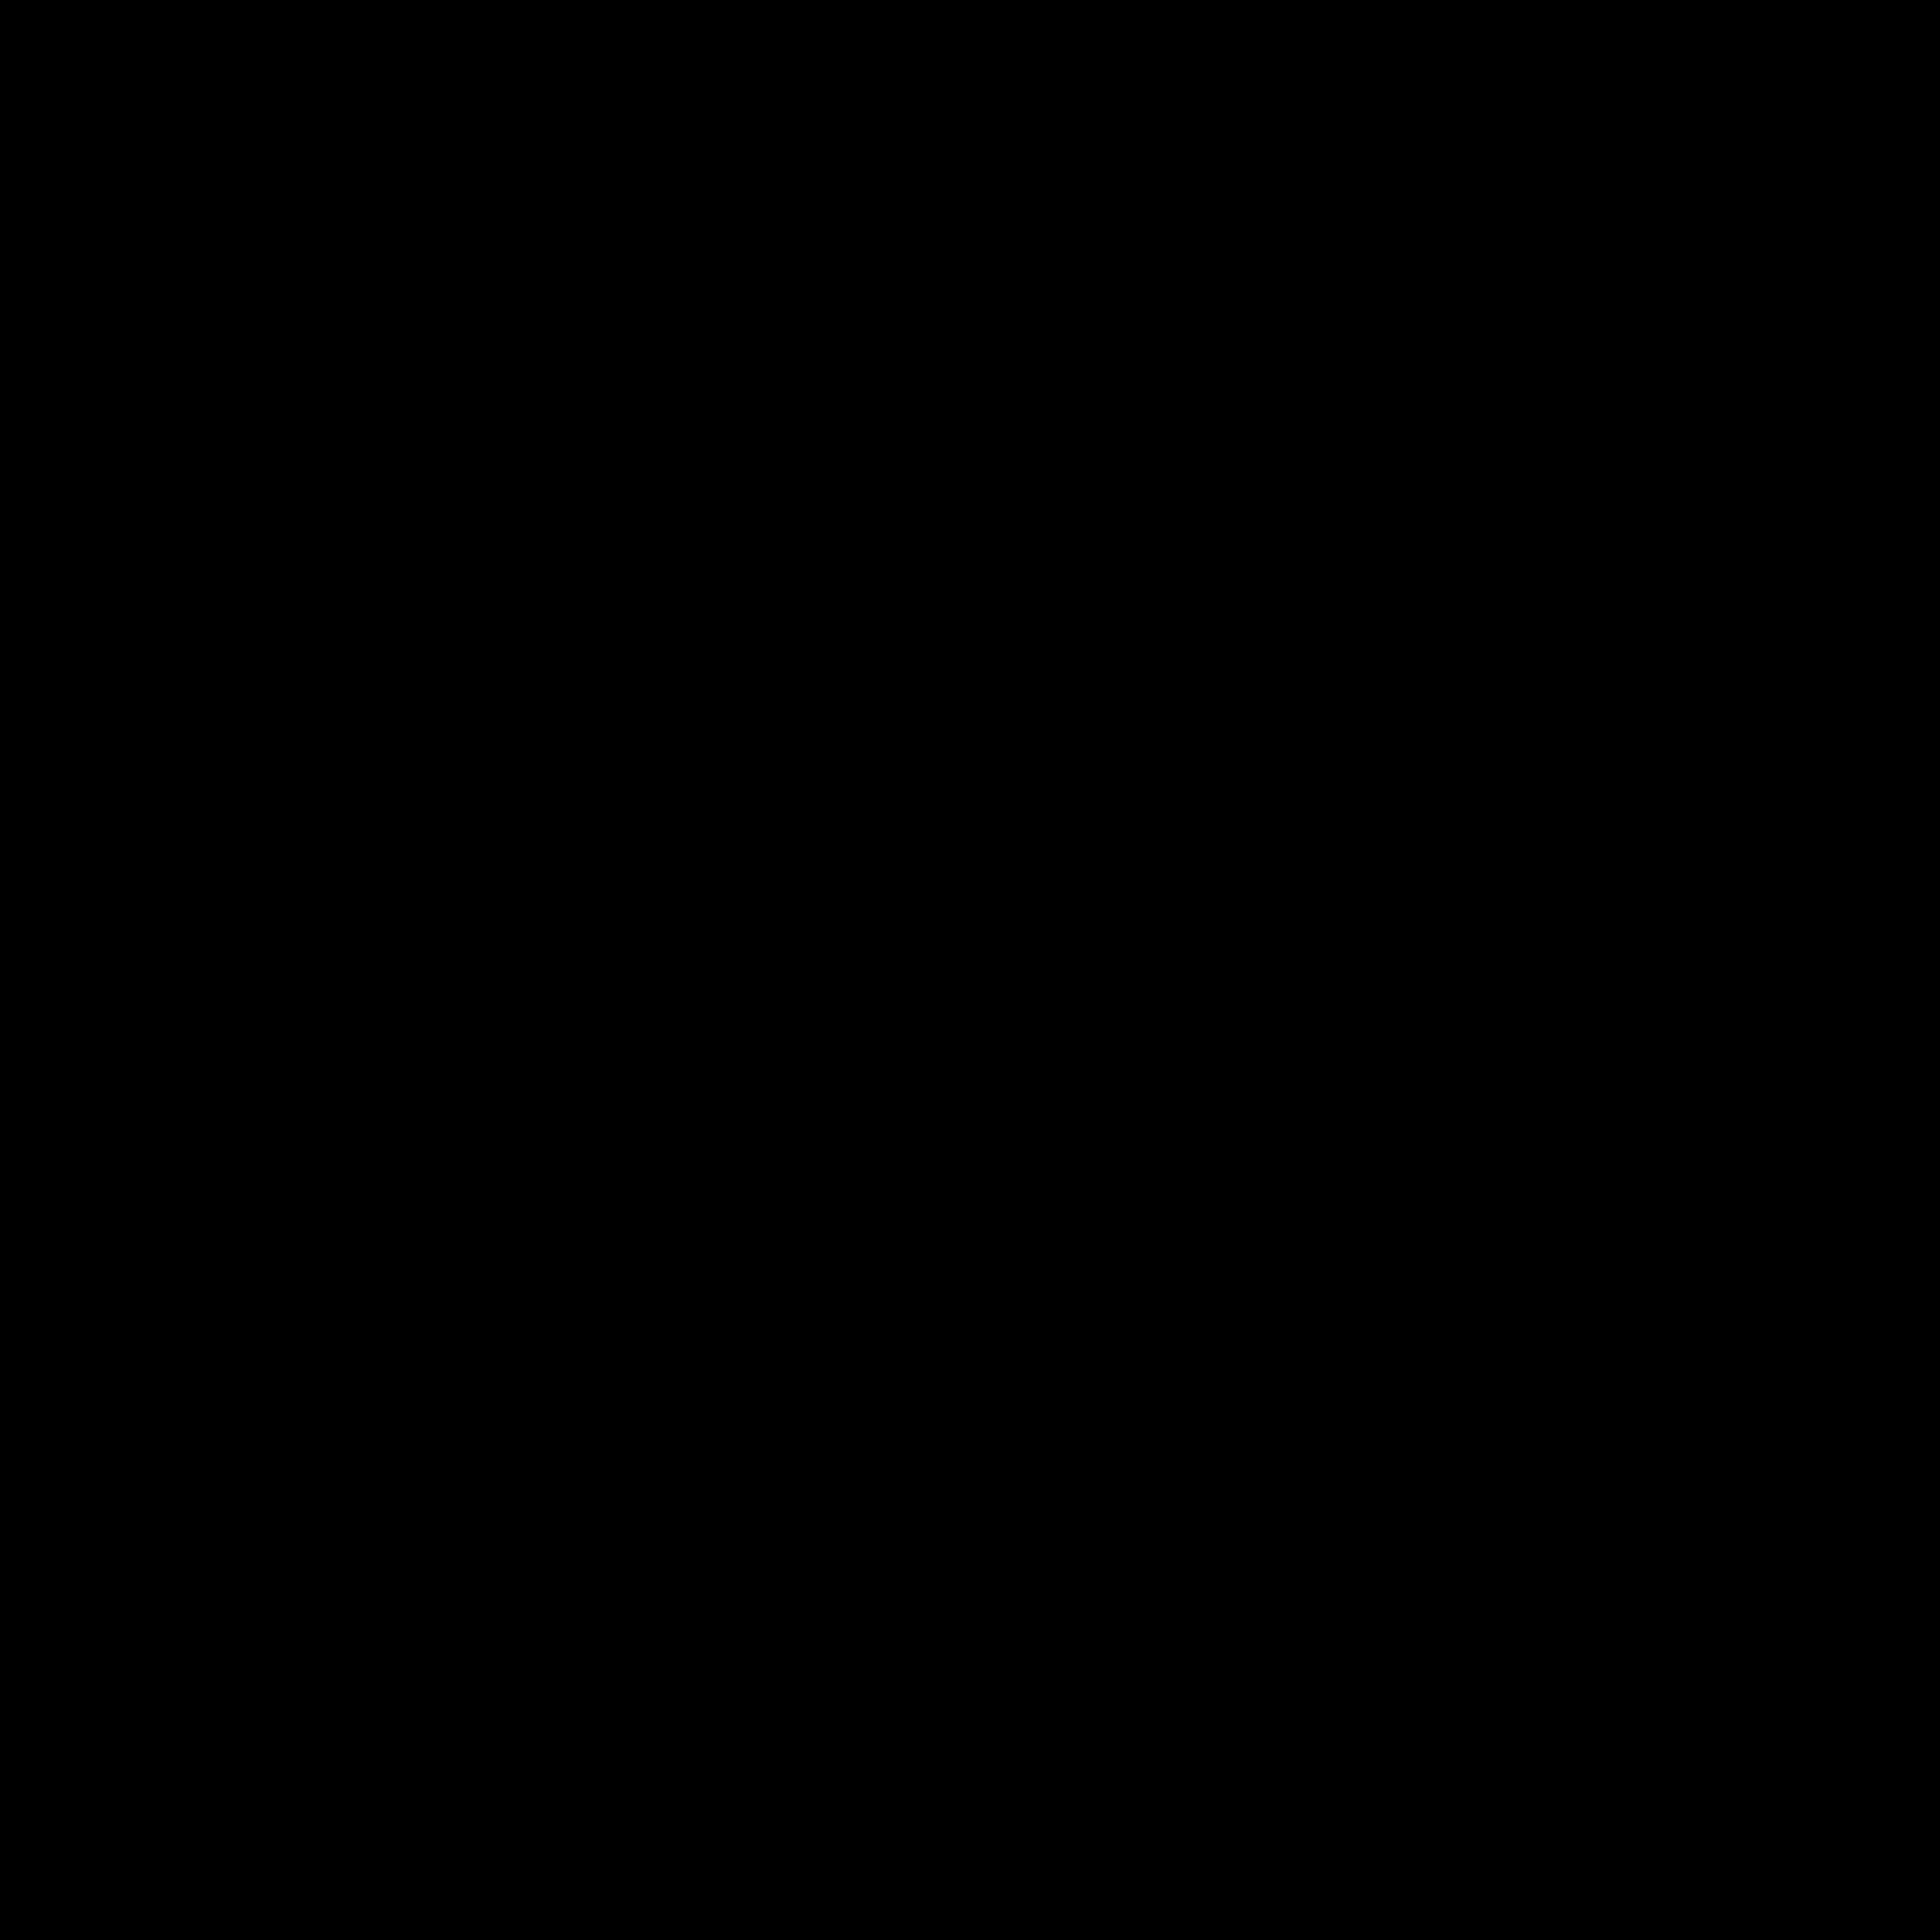 Urinstein entfernen   Küche putzen, Urin, Haushaltstipps